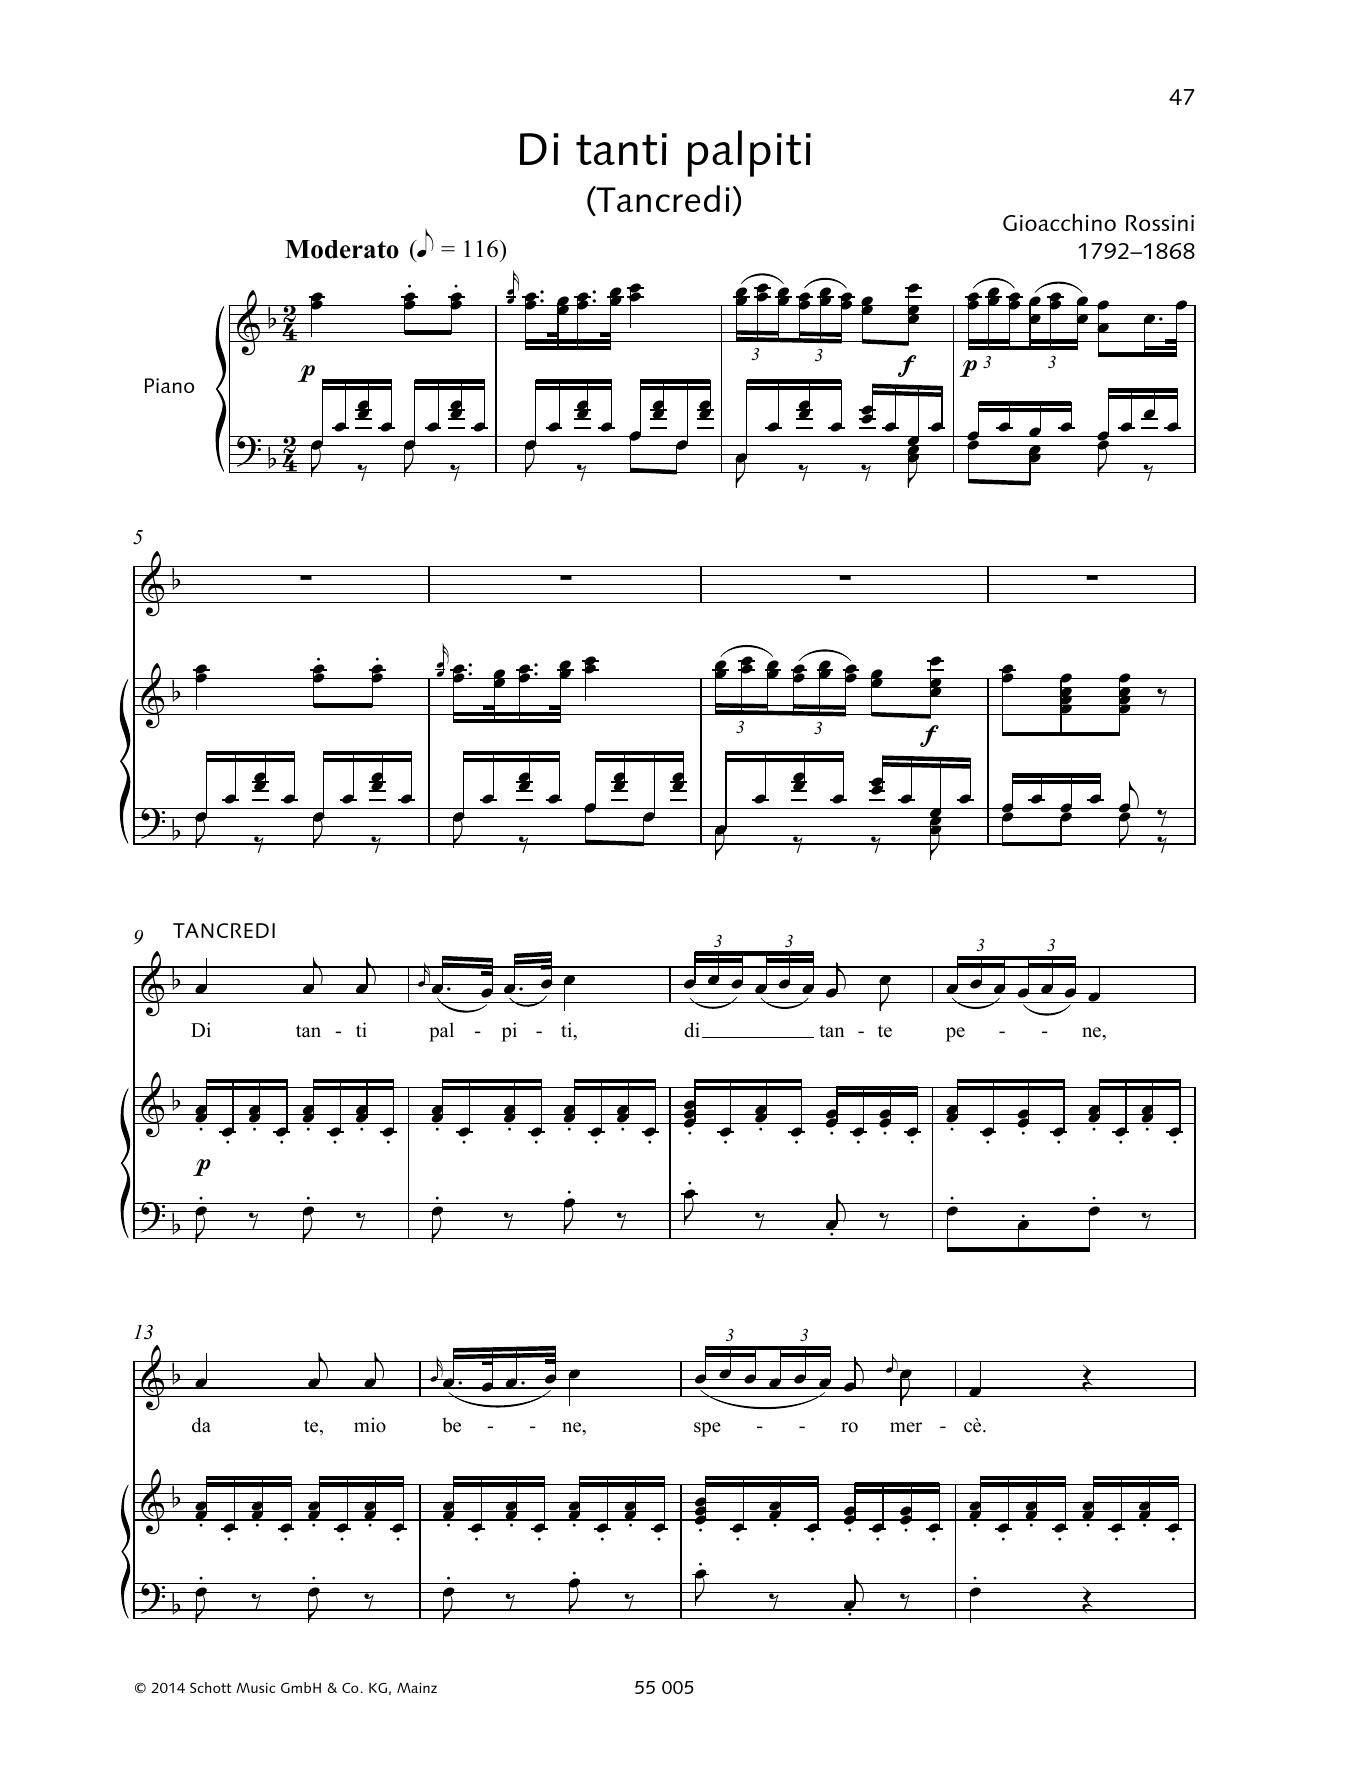 Gioacchino Rossini - Di tanti palpiti